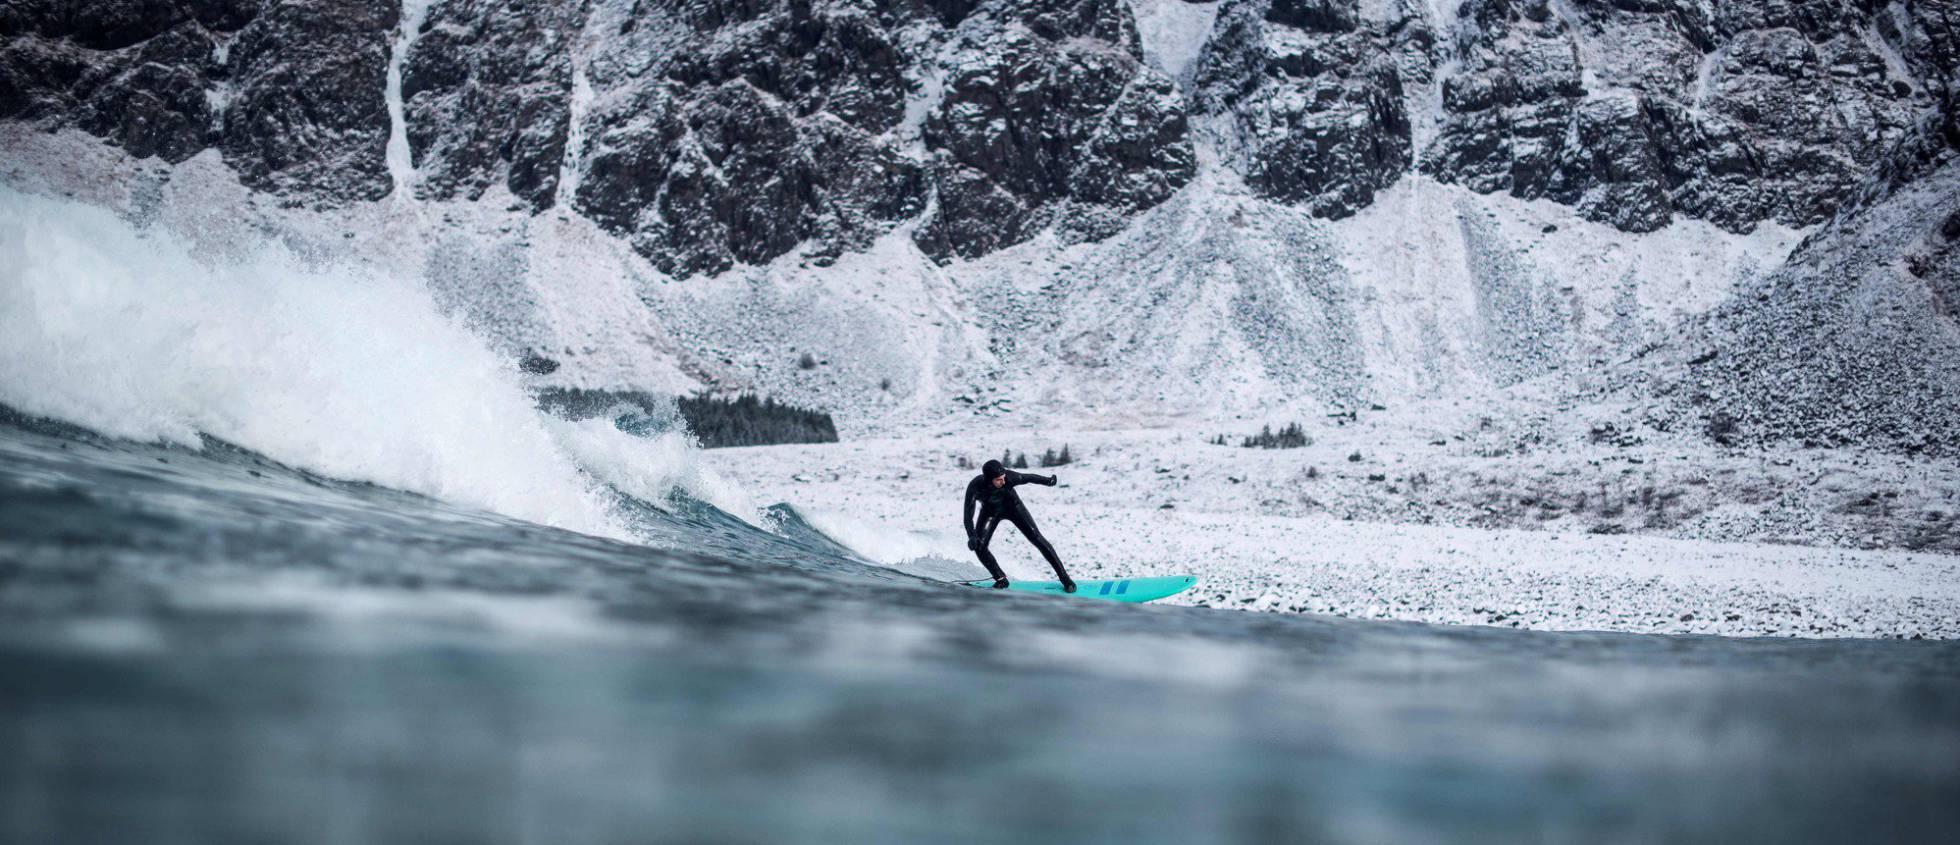 Como surfar a 13 graus abaixo de zero